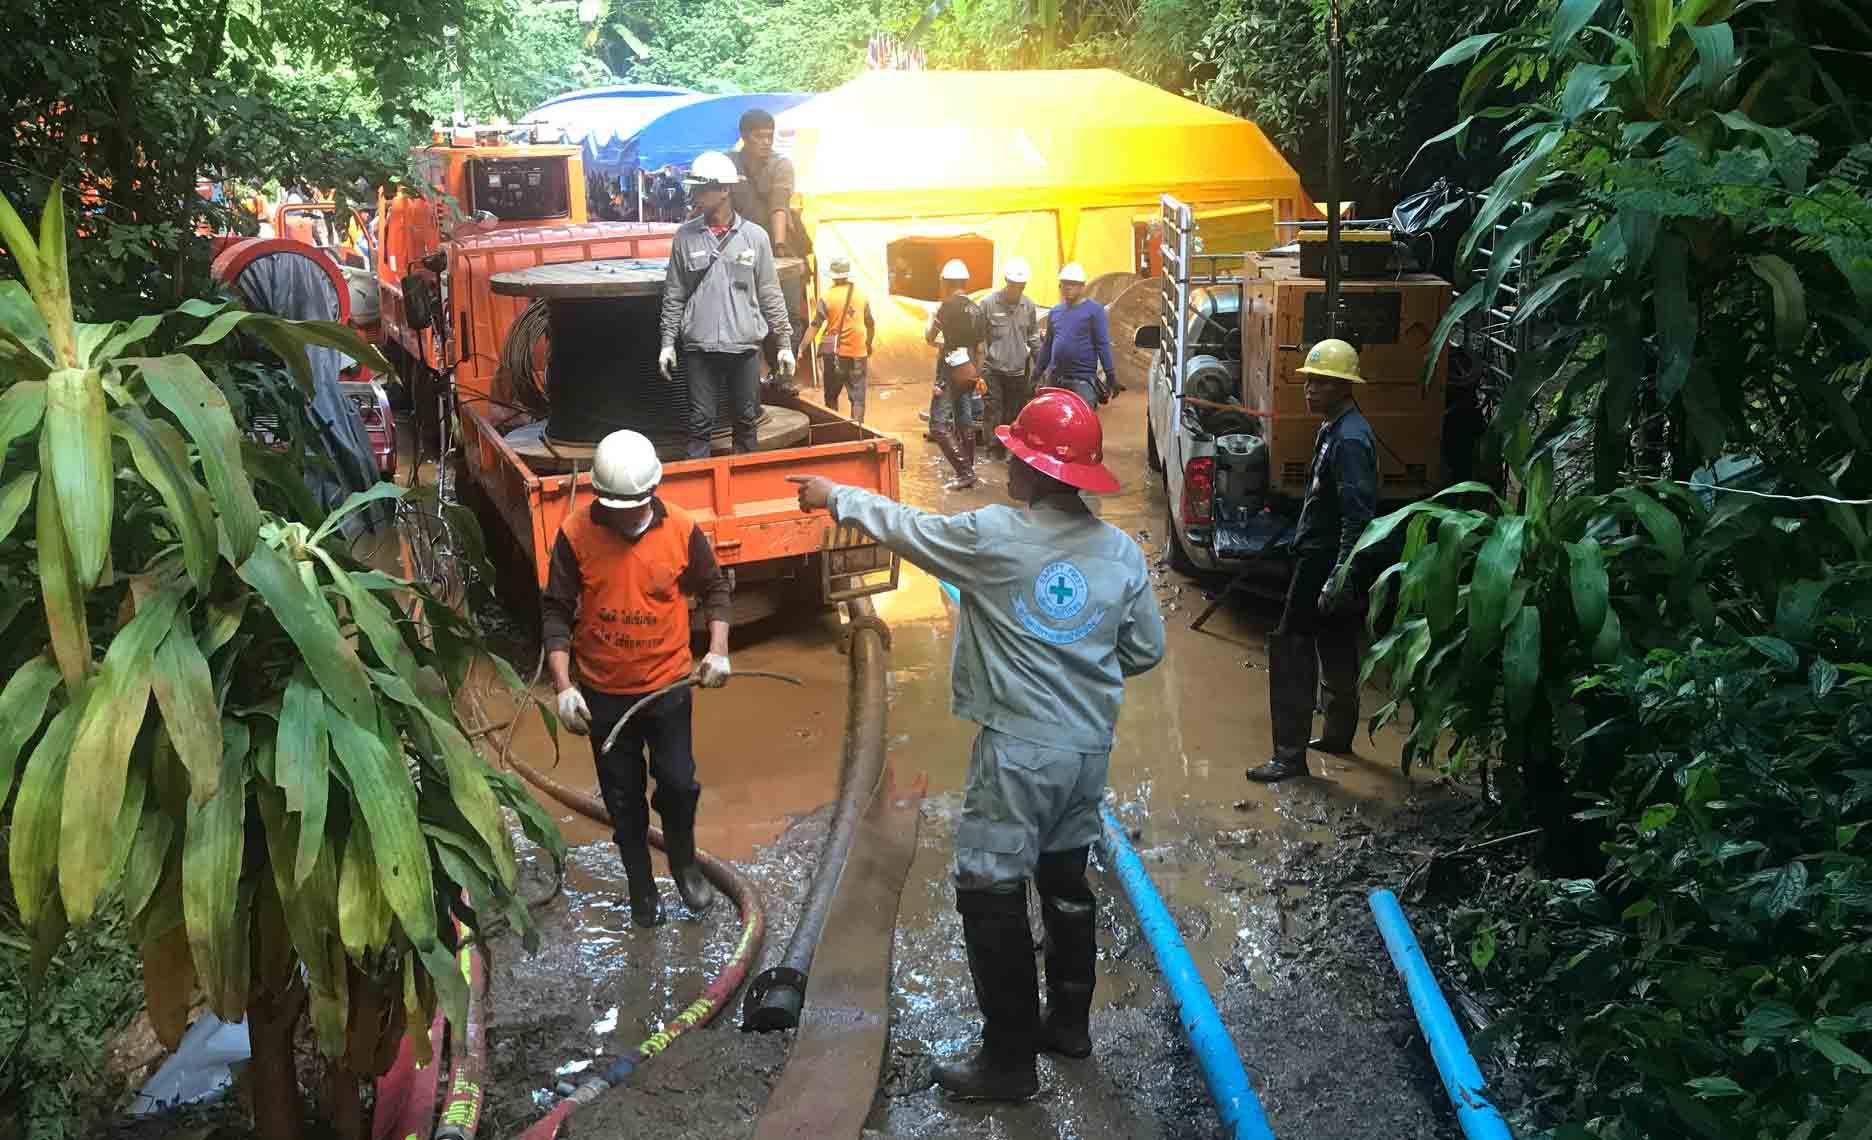 DOBLE LLAVE - El hombre se encontraba colocando tanques de oxígeno en la cueva cuando perdió la consciencia al intentar regresar